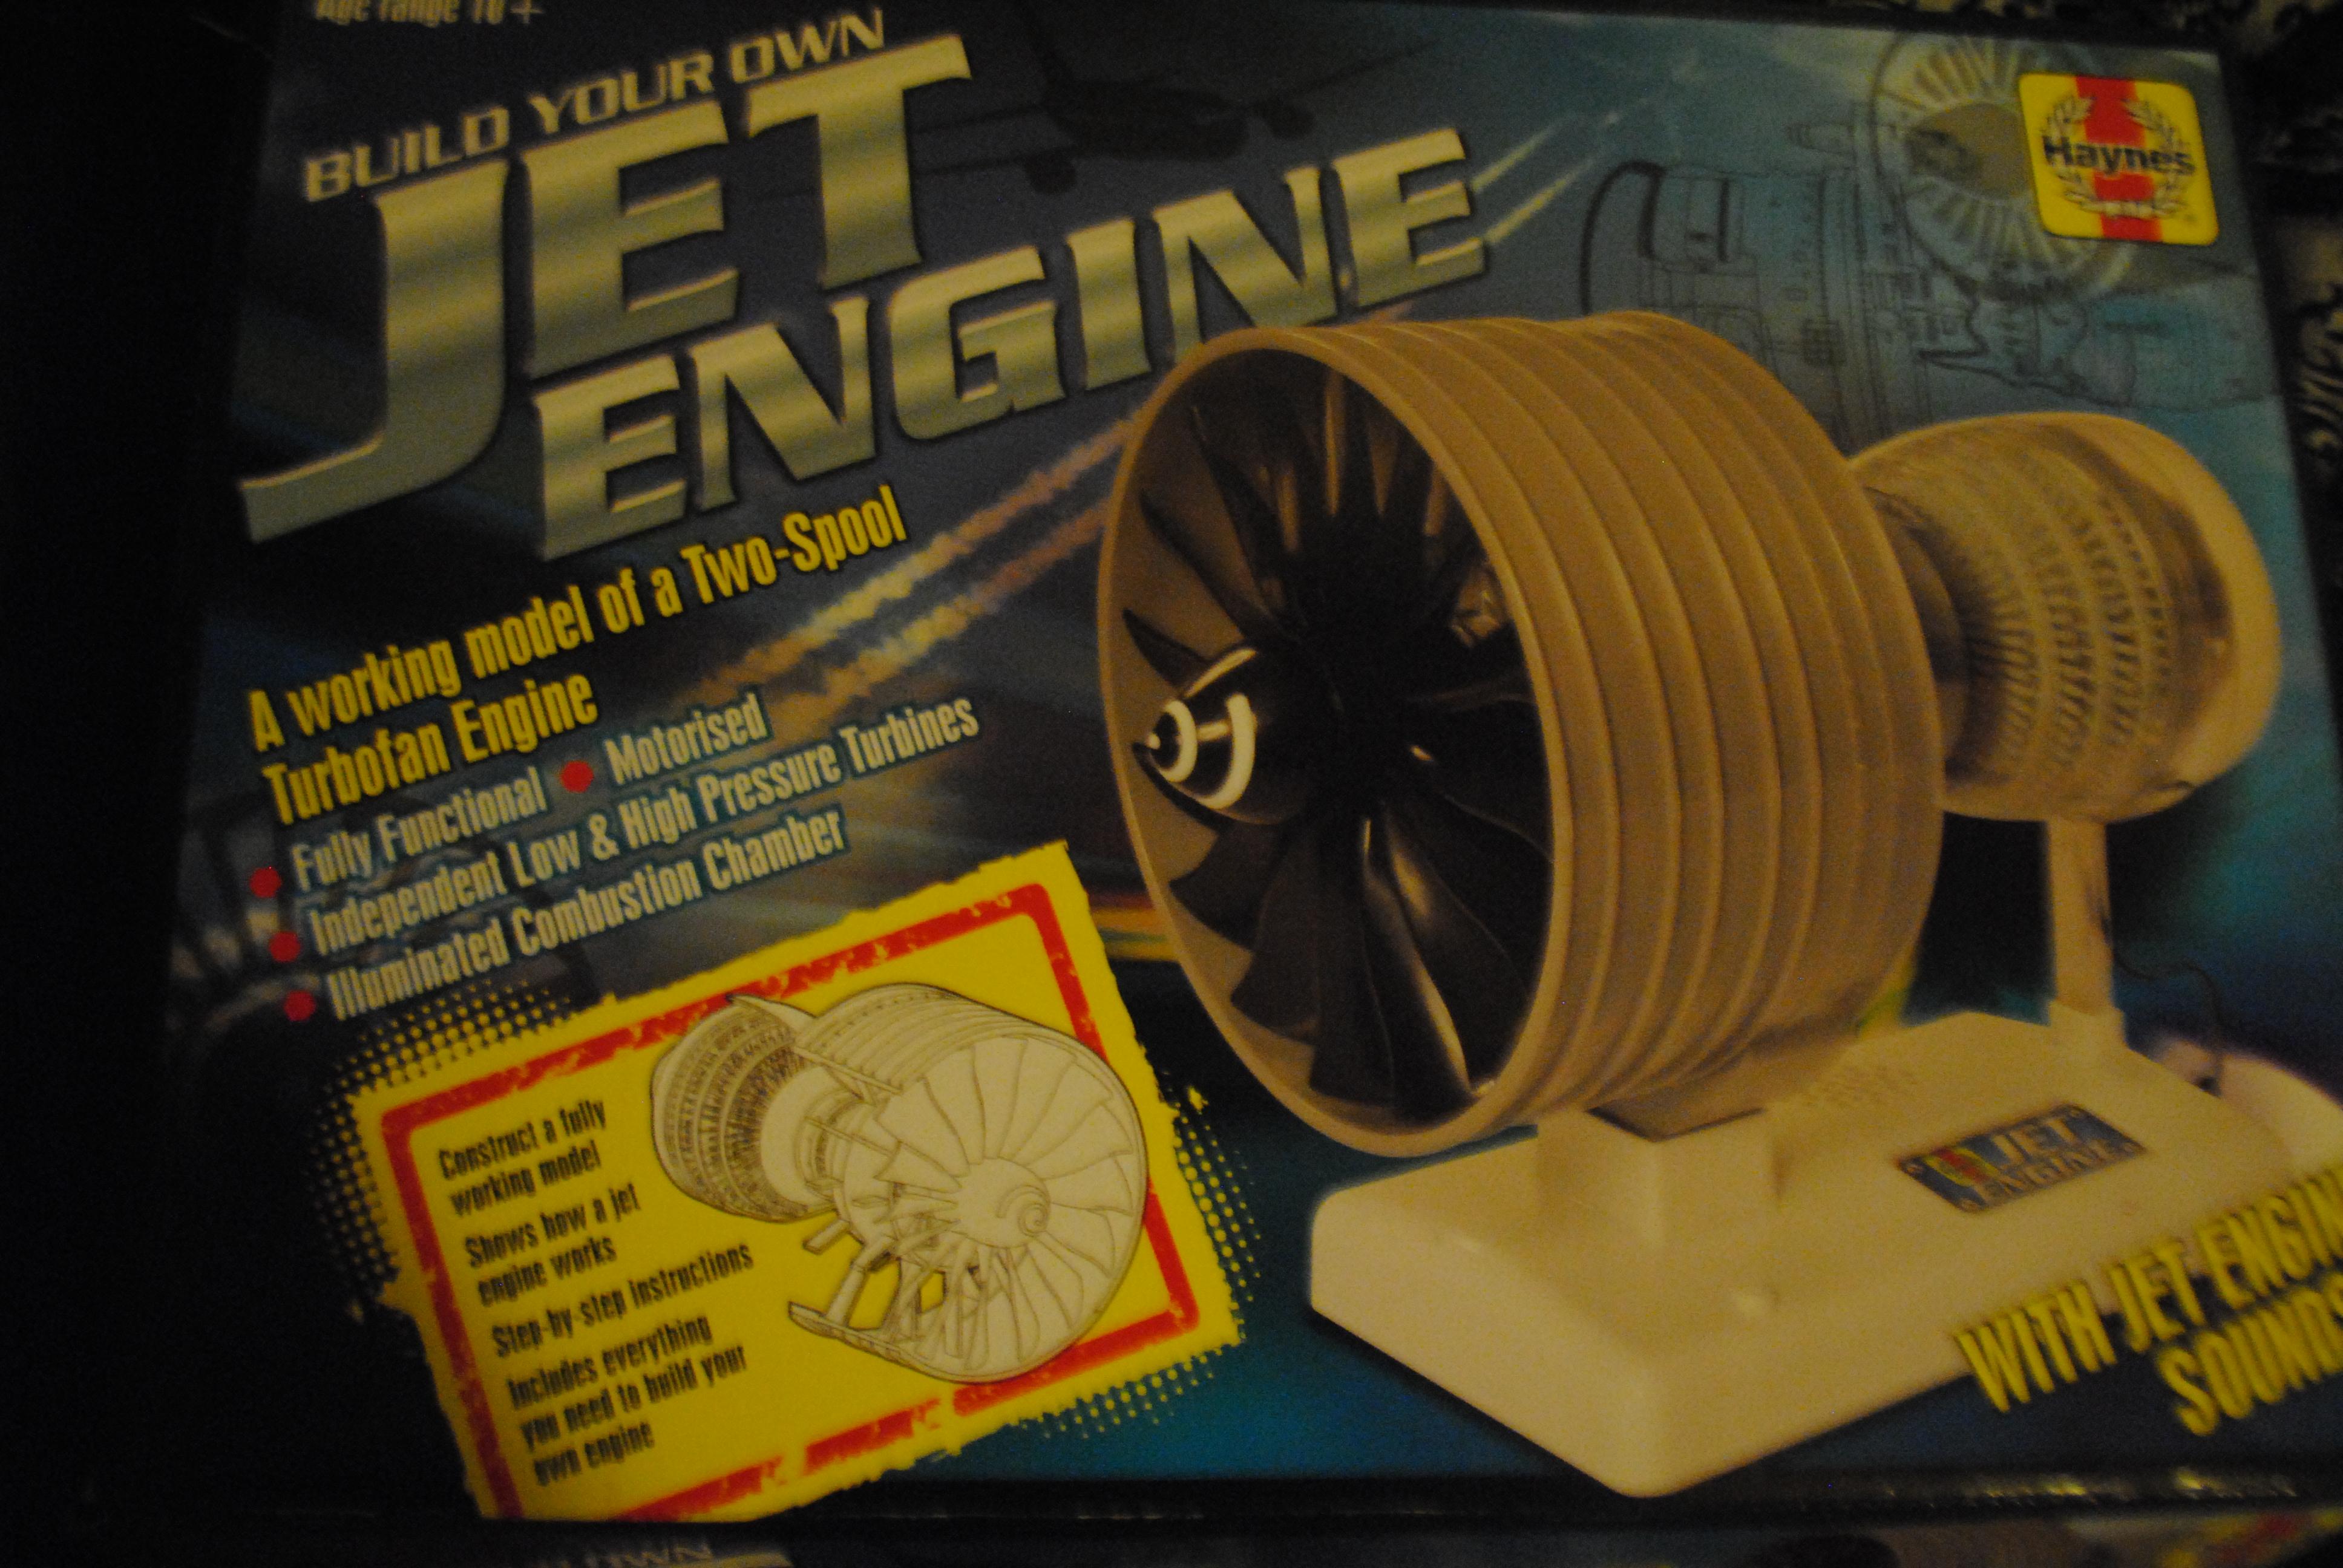 Haynes Jet Engine review – Motorsport For Mental Health